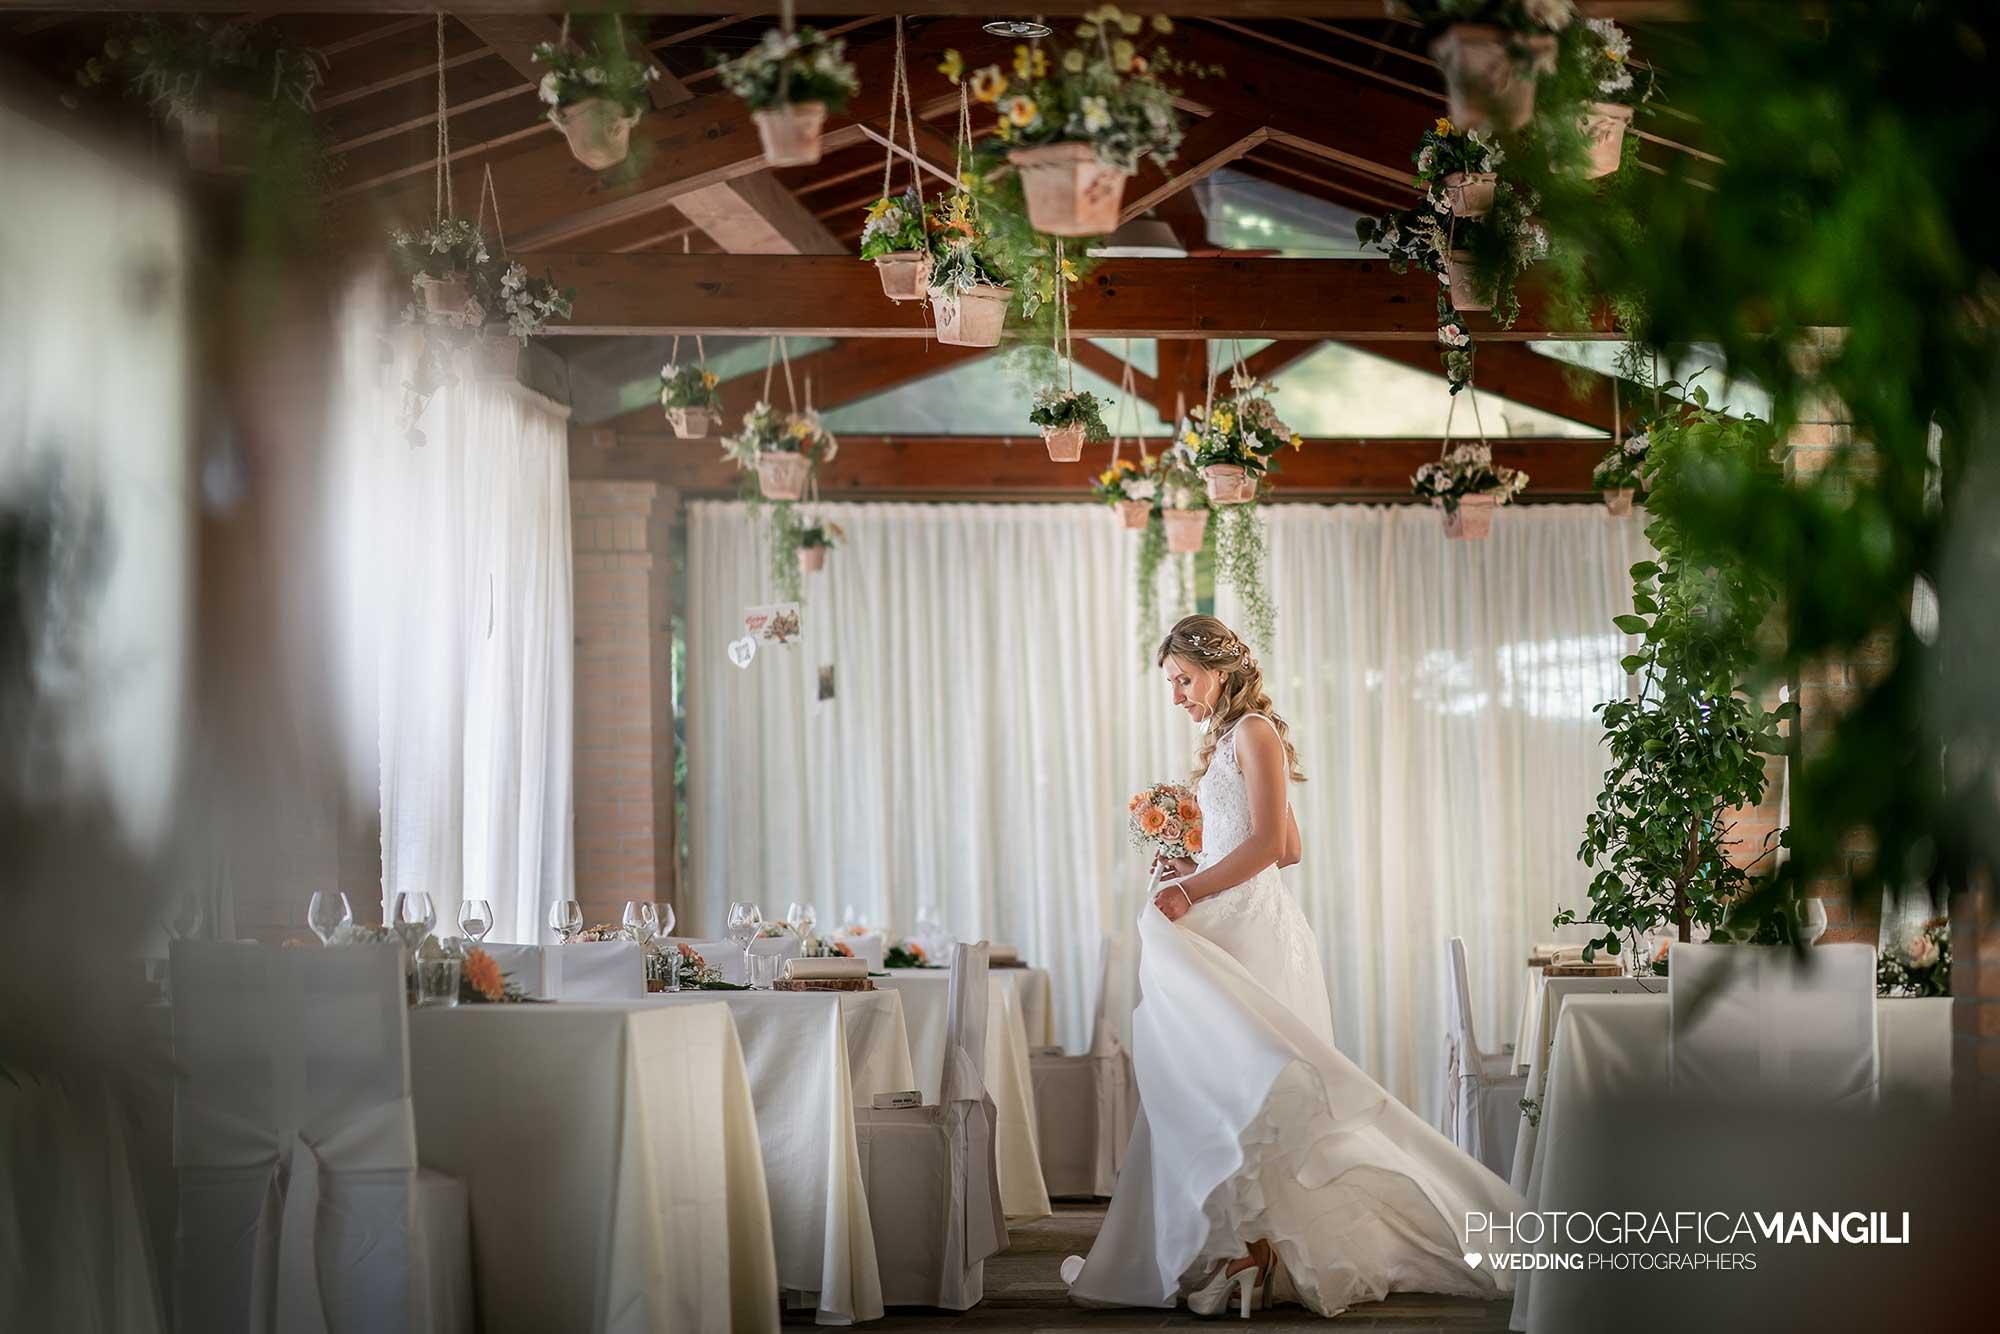 038 fotografo matrimonio reportage wedding ritratto sposi il portico monticello brianza lecco 1